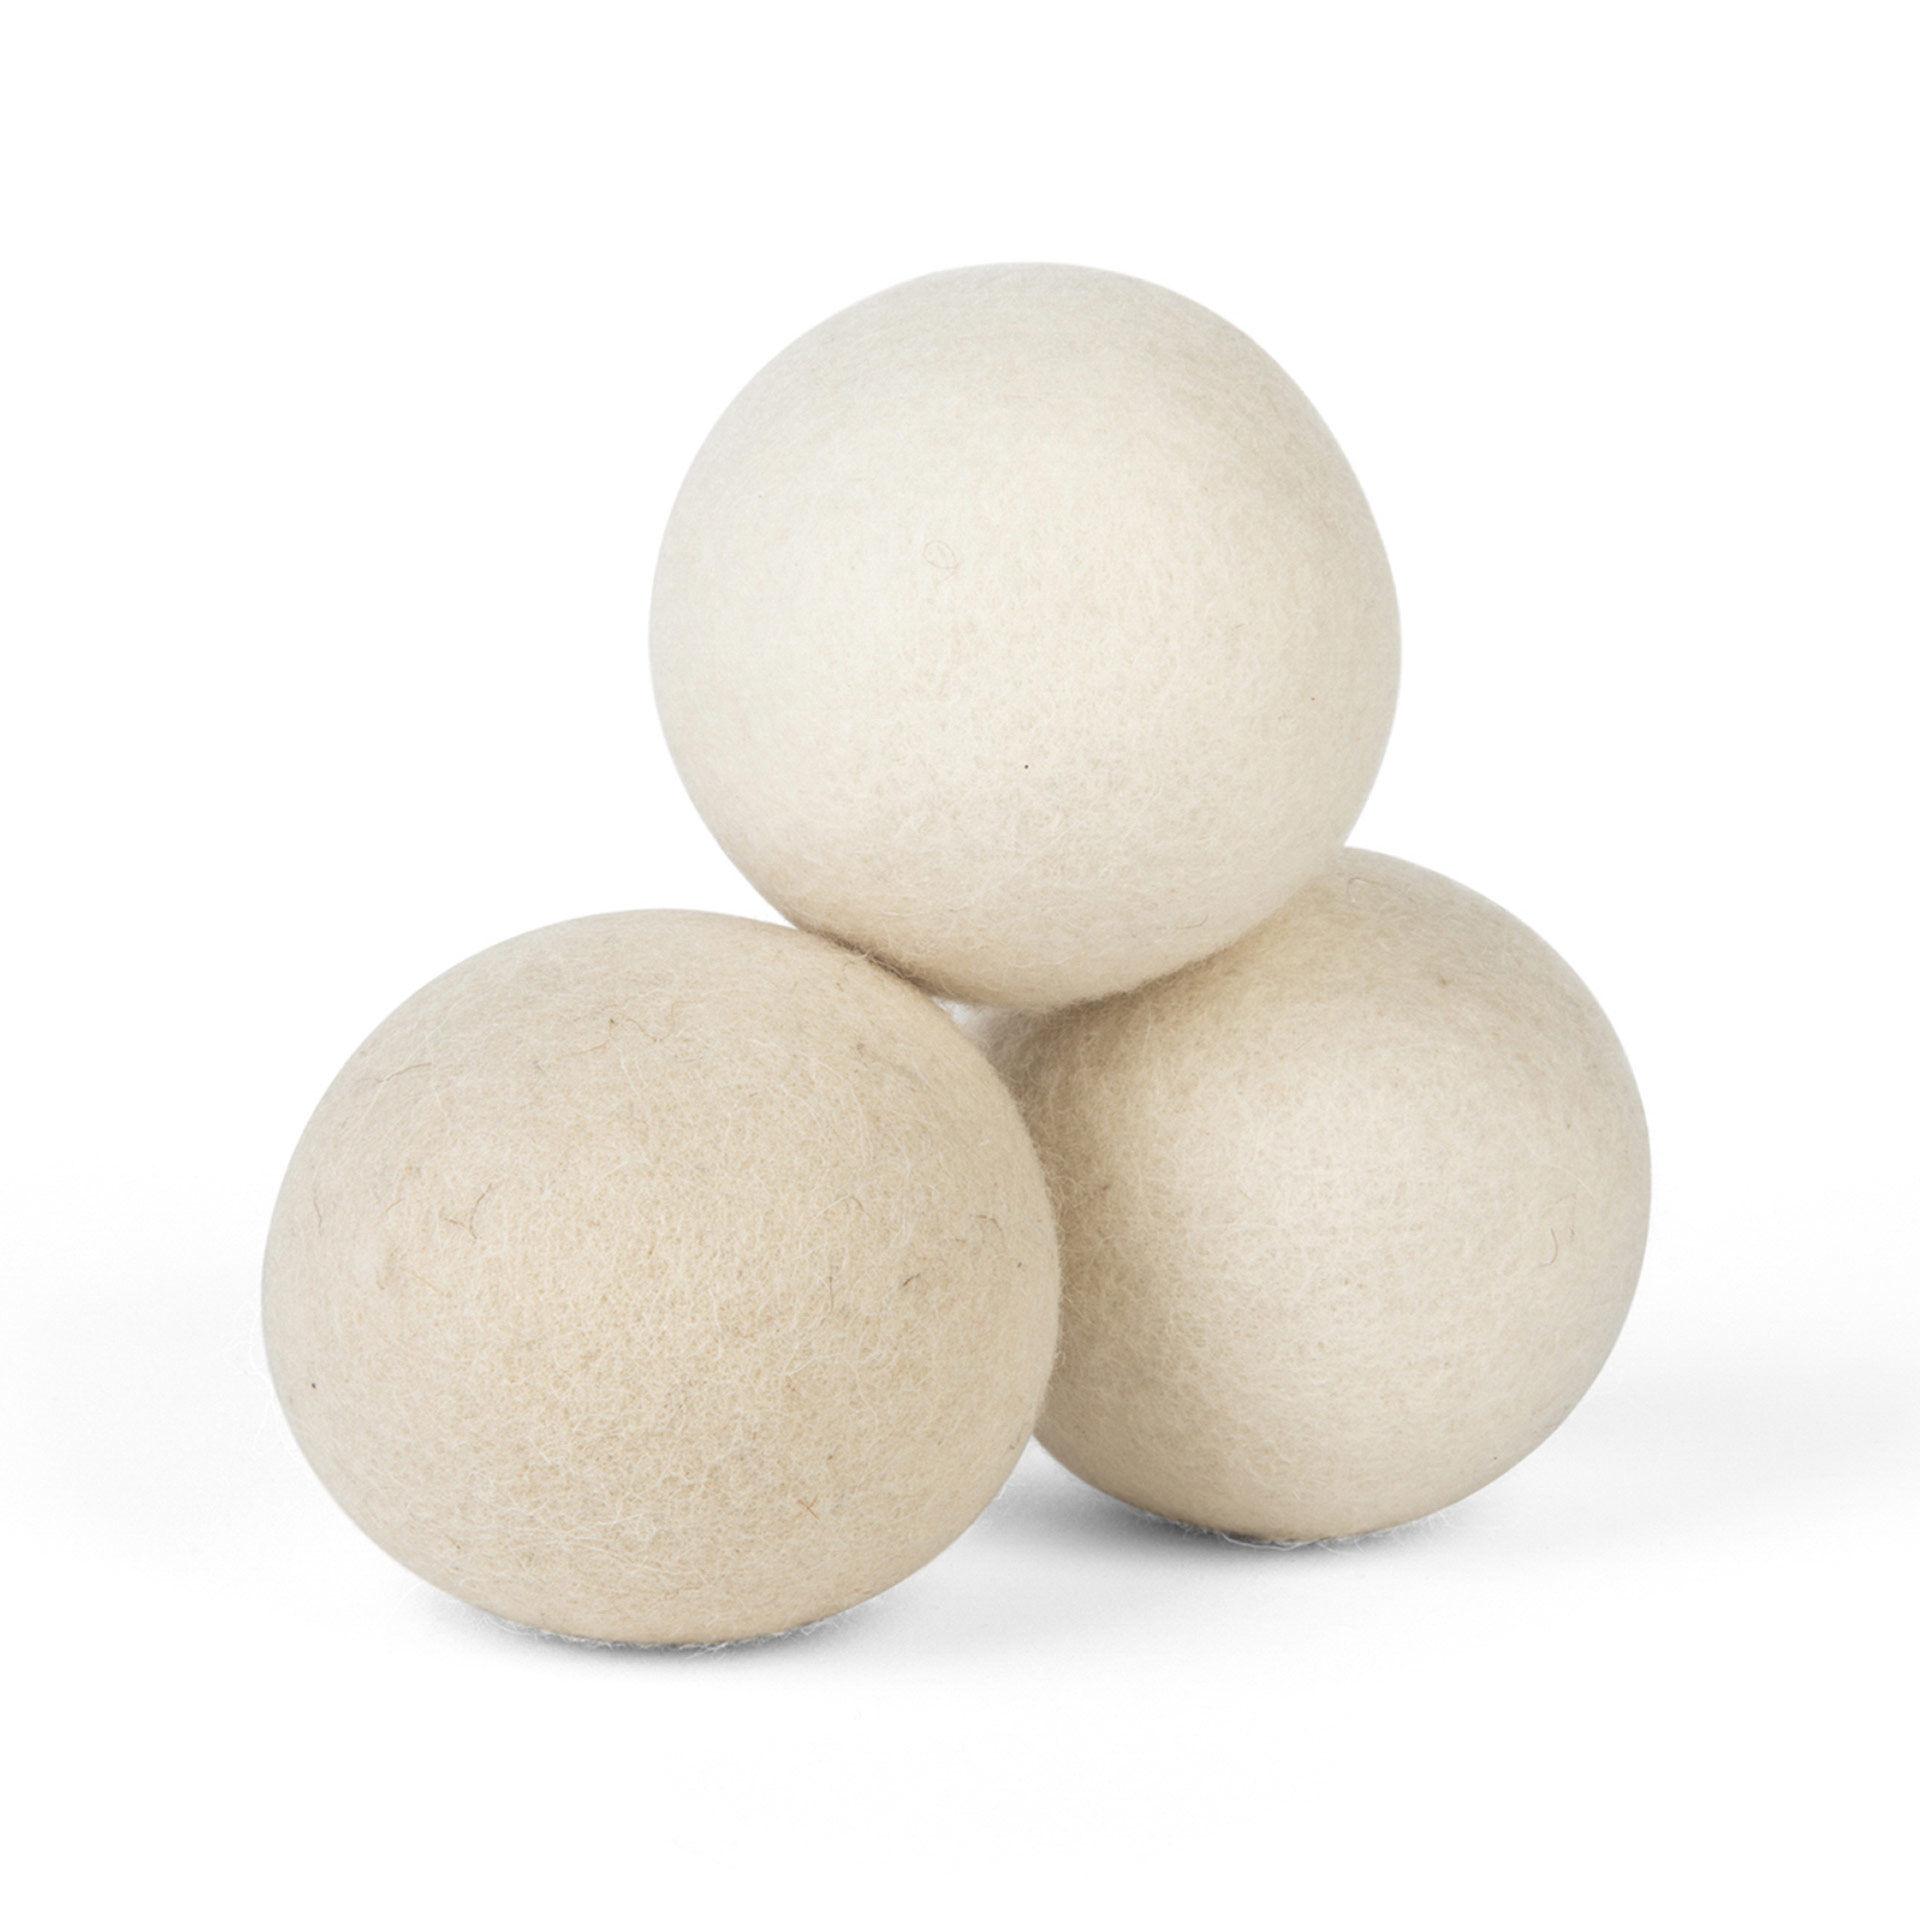 Boule écologique en laine pour sèche-linge - Lot de 3 Pièces, , large